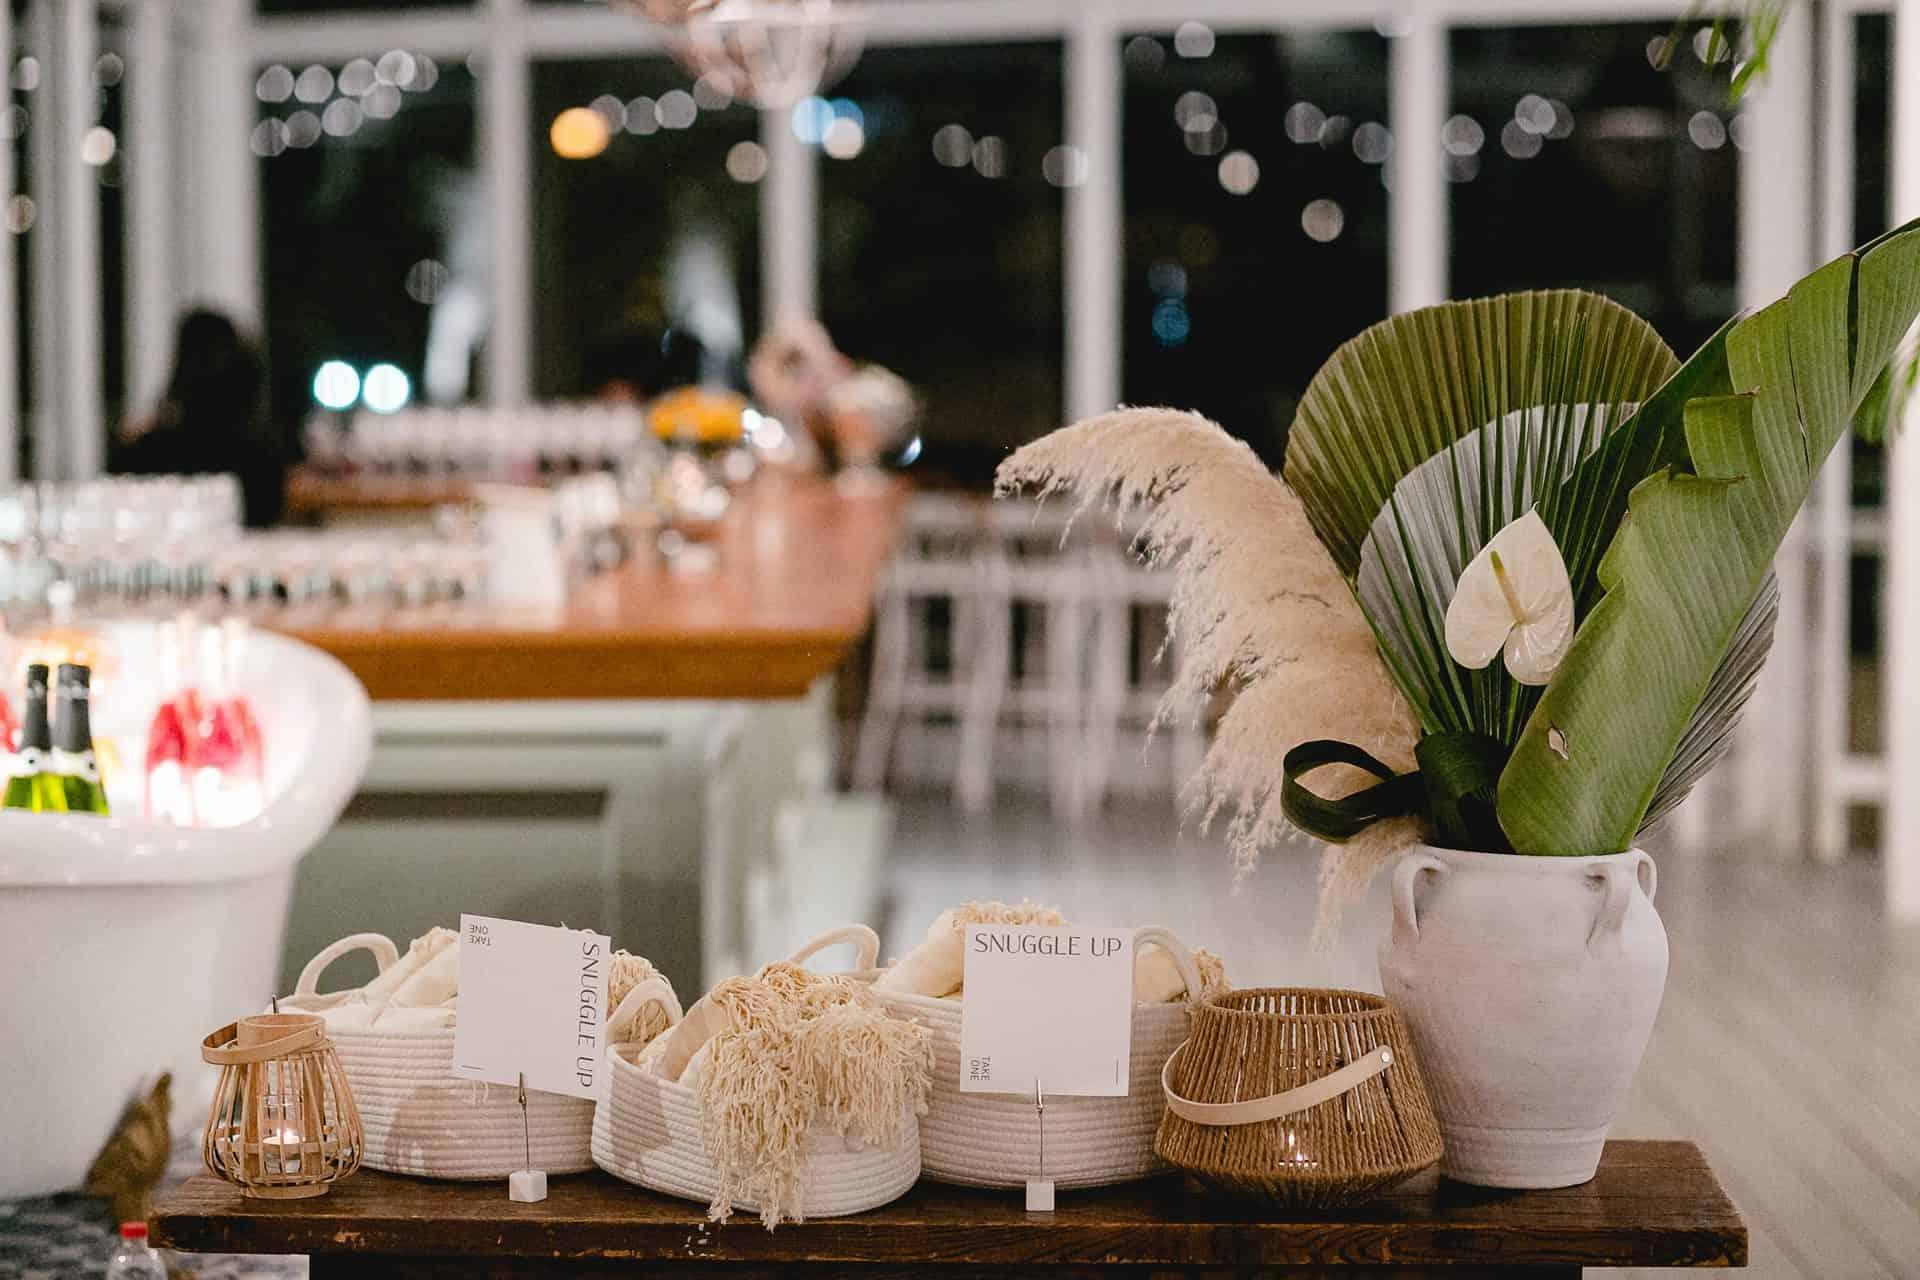 עמדה בחתונה - עיצוב לחתונה